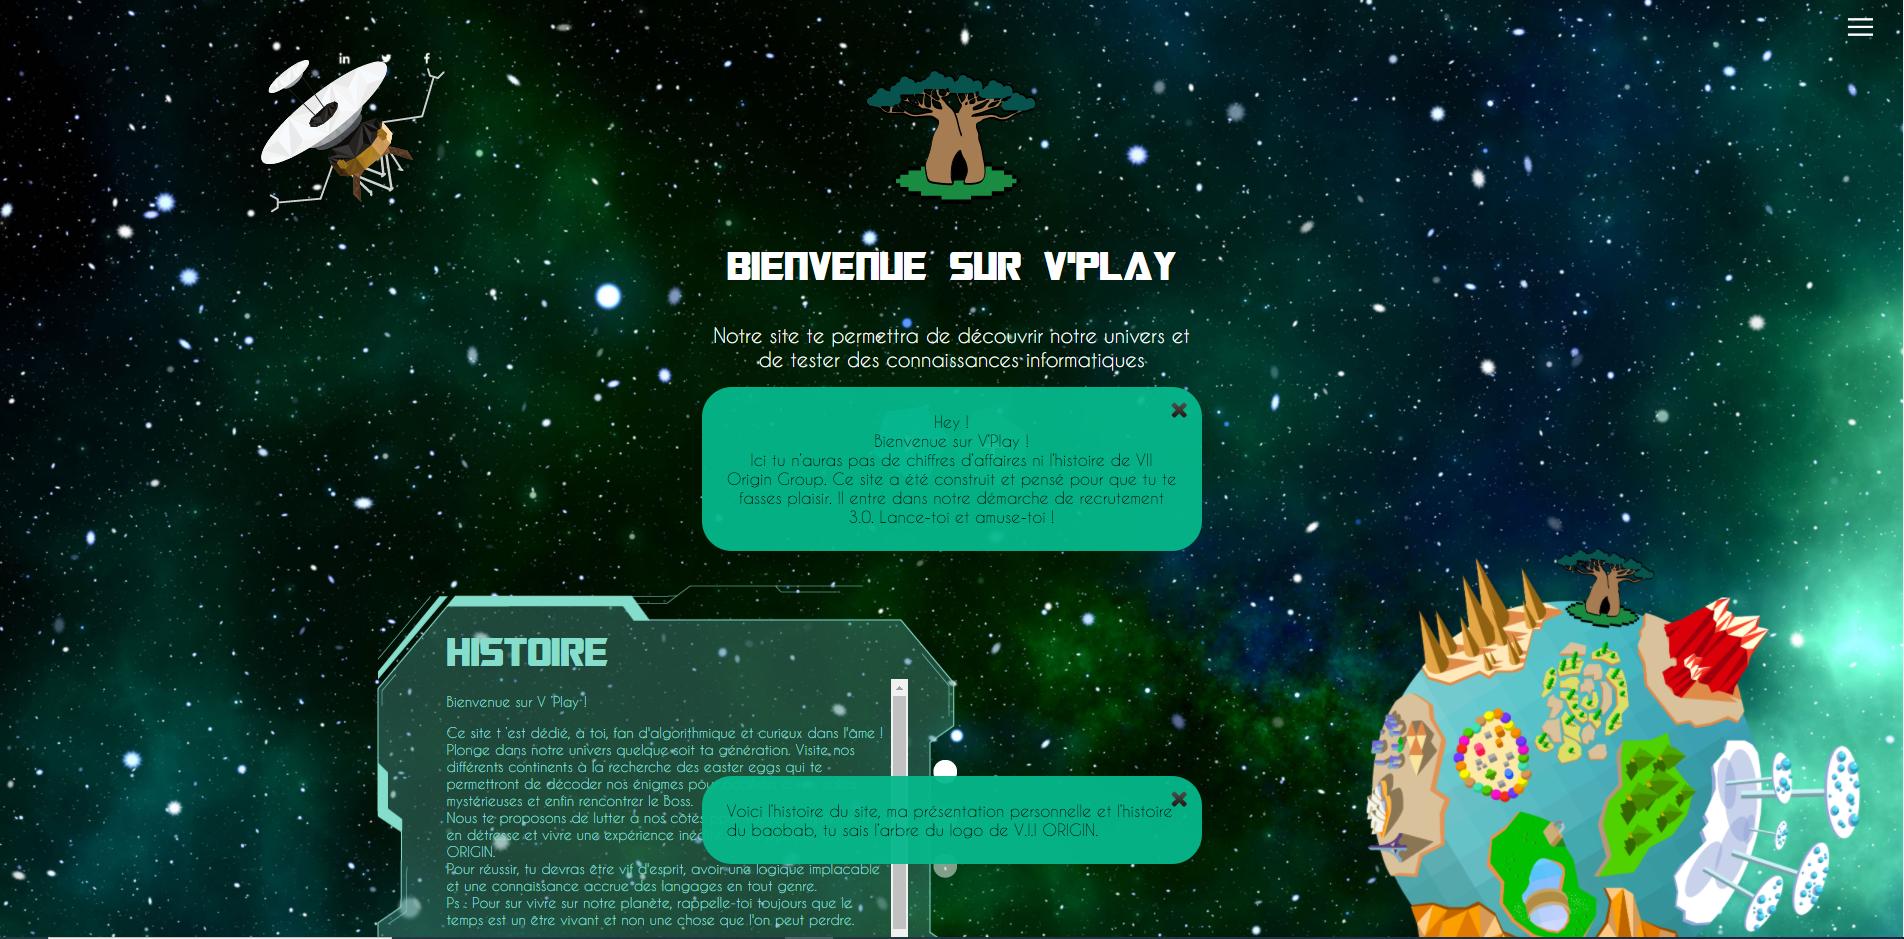 V'SPIEL : première phase de recrutement, prise de connaissance avec l'univers de l'entreprise